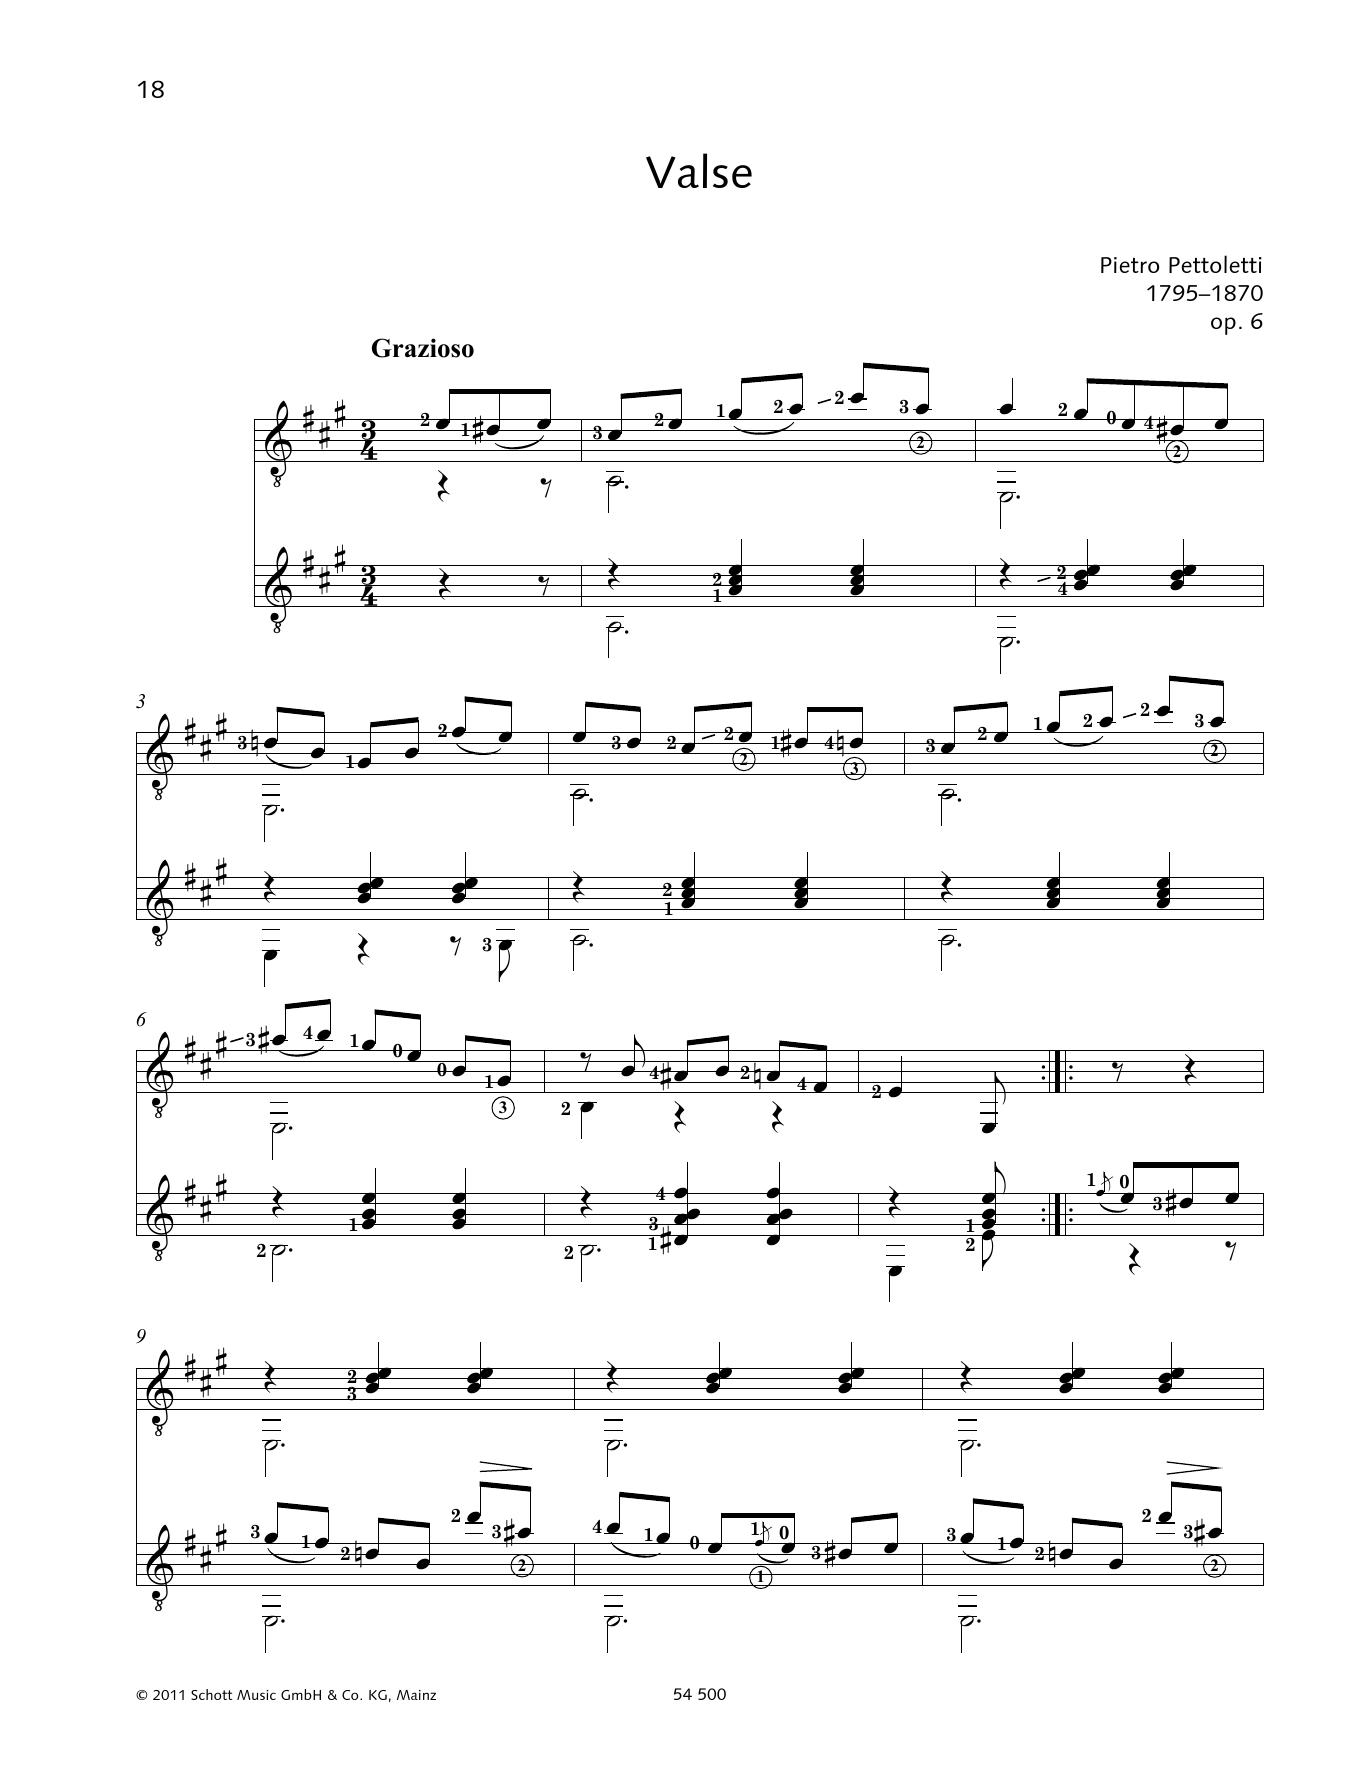 Valse - Full Score Sheet Music